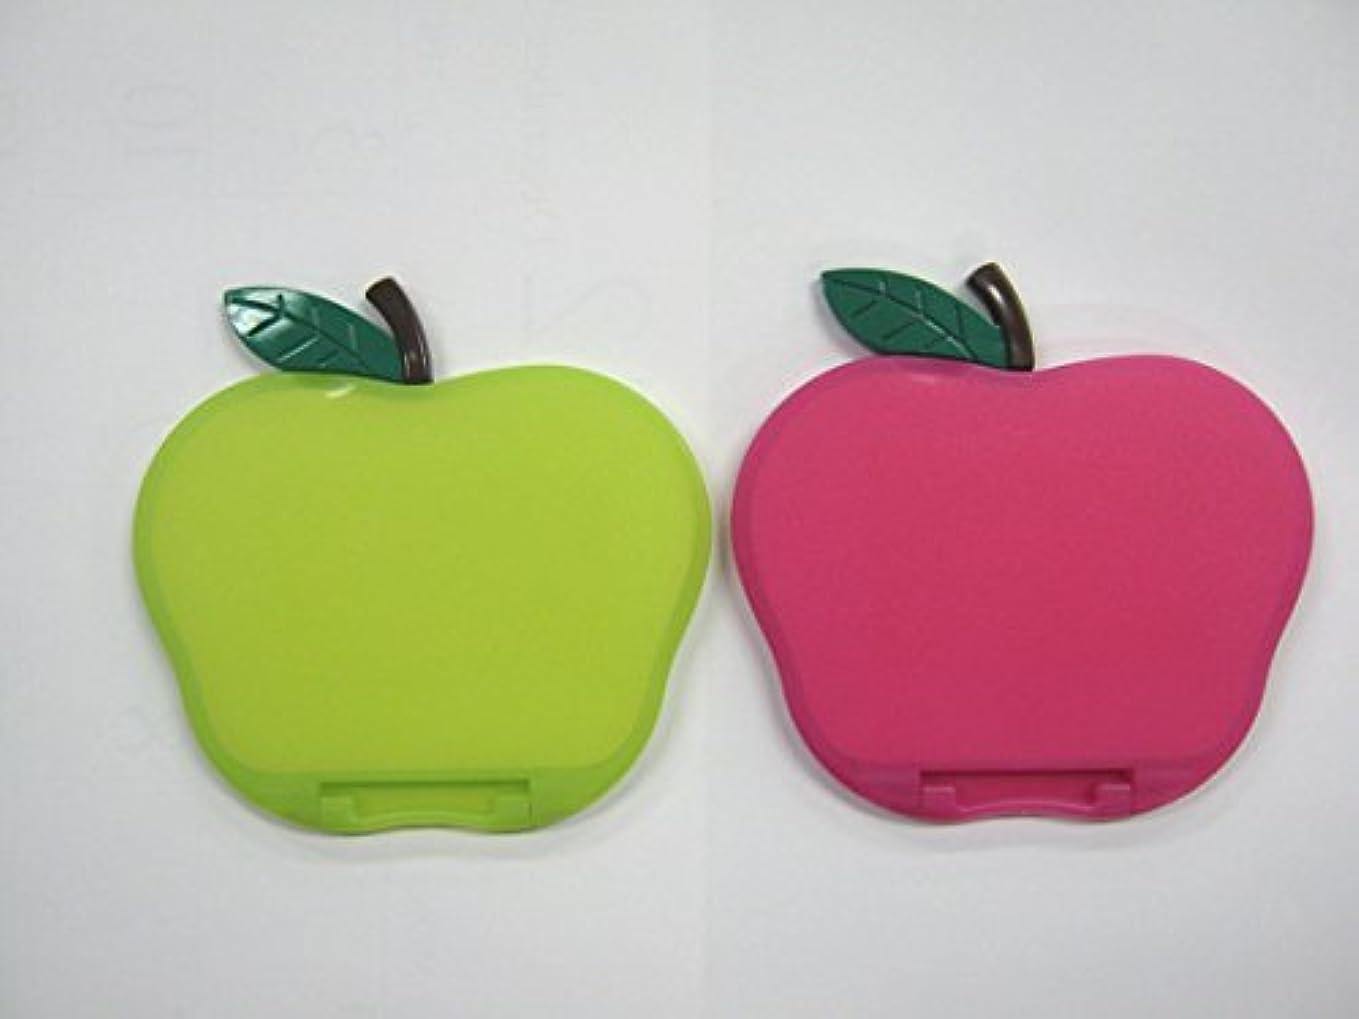 ひらめき絡まる流すリンゴ型コンパクトミラー カラー:ピンク、グリーン AP580 (グリーン)